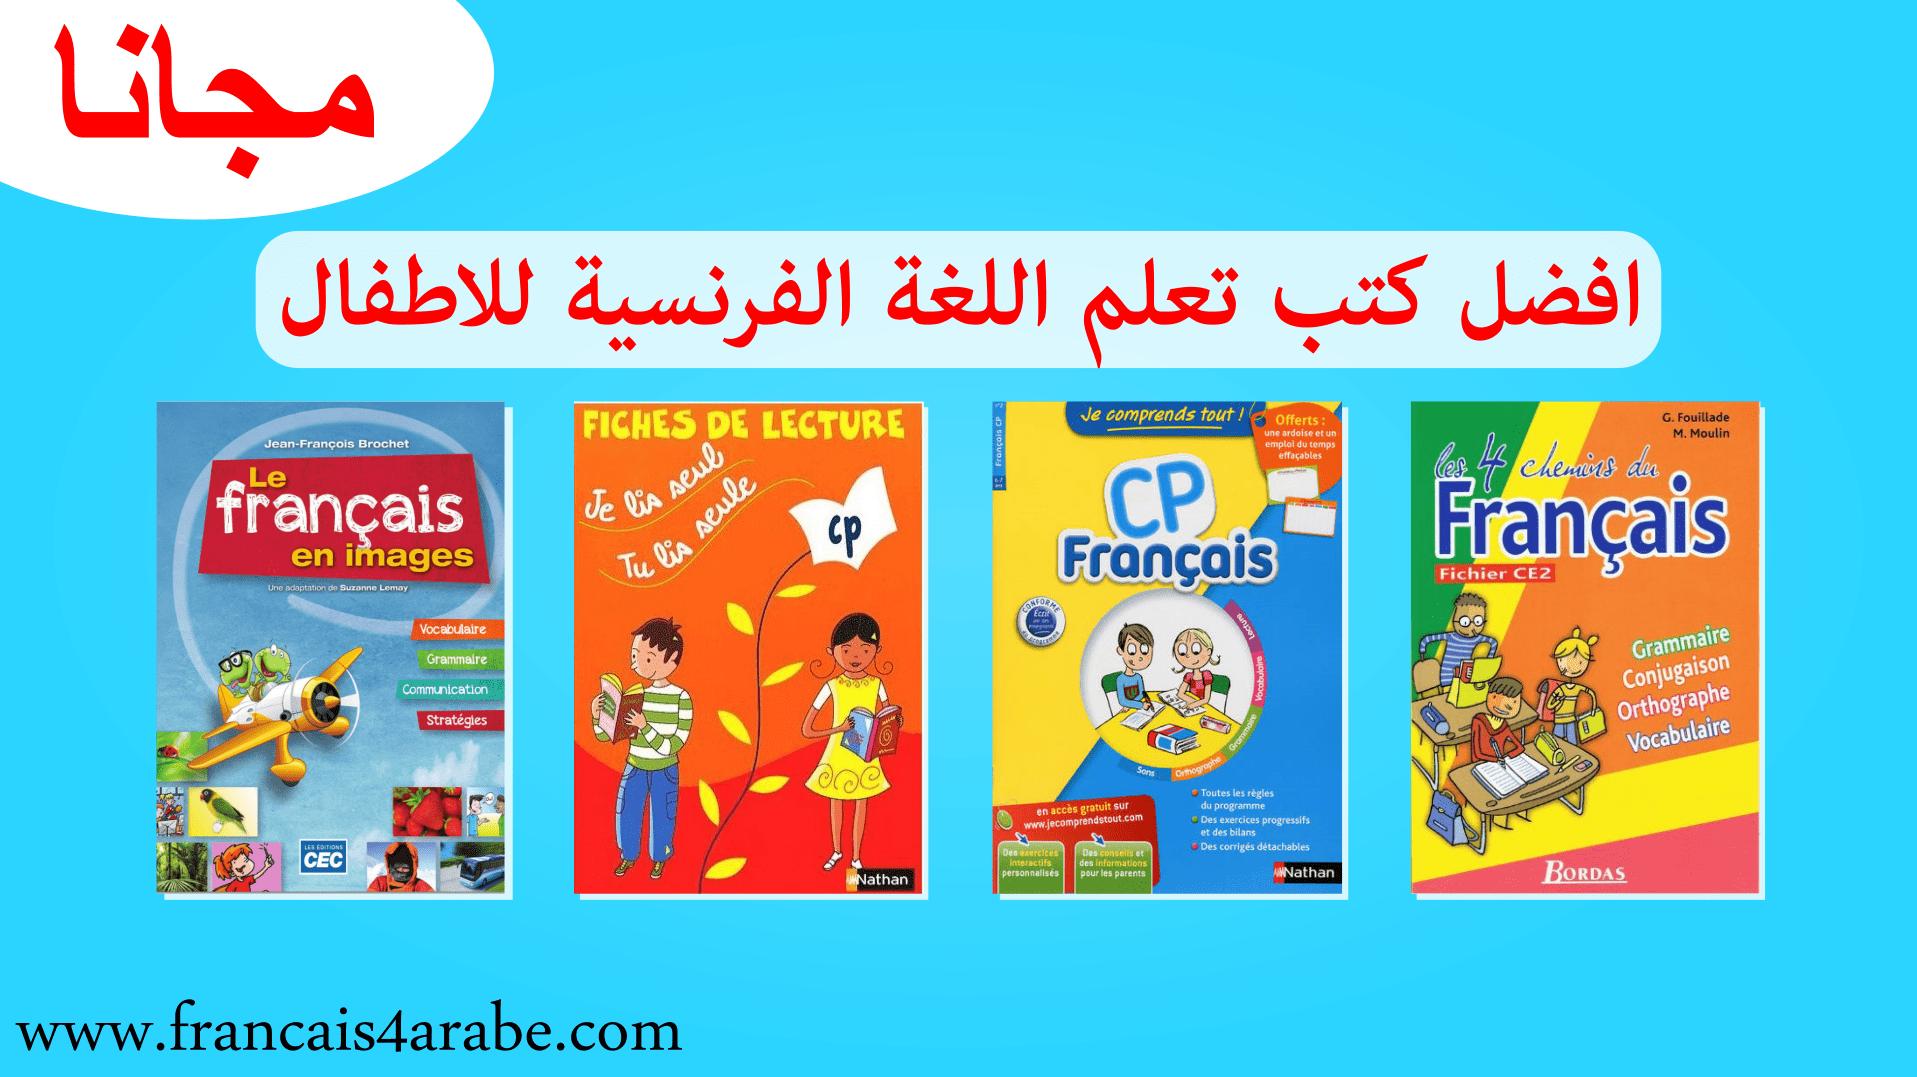 مجموعة من افضل كتب تعلم اللغة الفرنسية للاطفال Pdf تحميل كتب لتعليم الاطفال اللغة الفرنسية Arabic Alphabet For Kids French For Beginners Alphabet For Kids